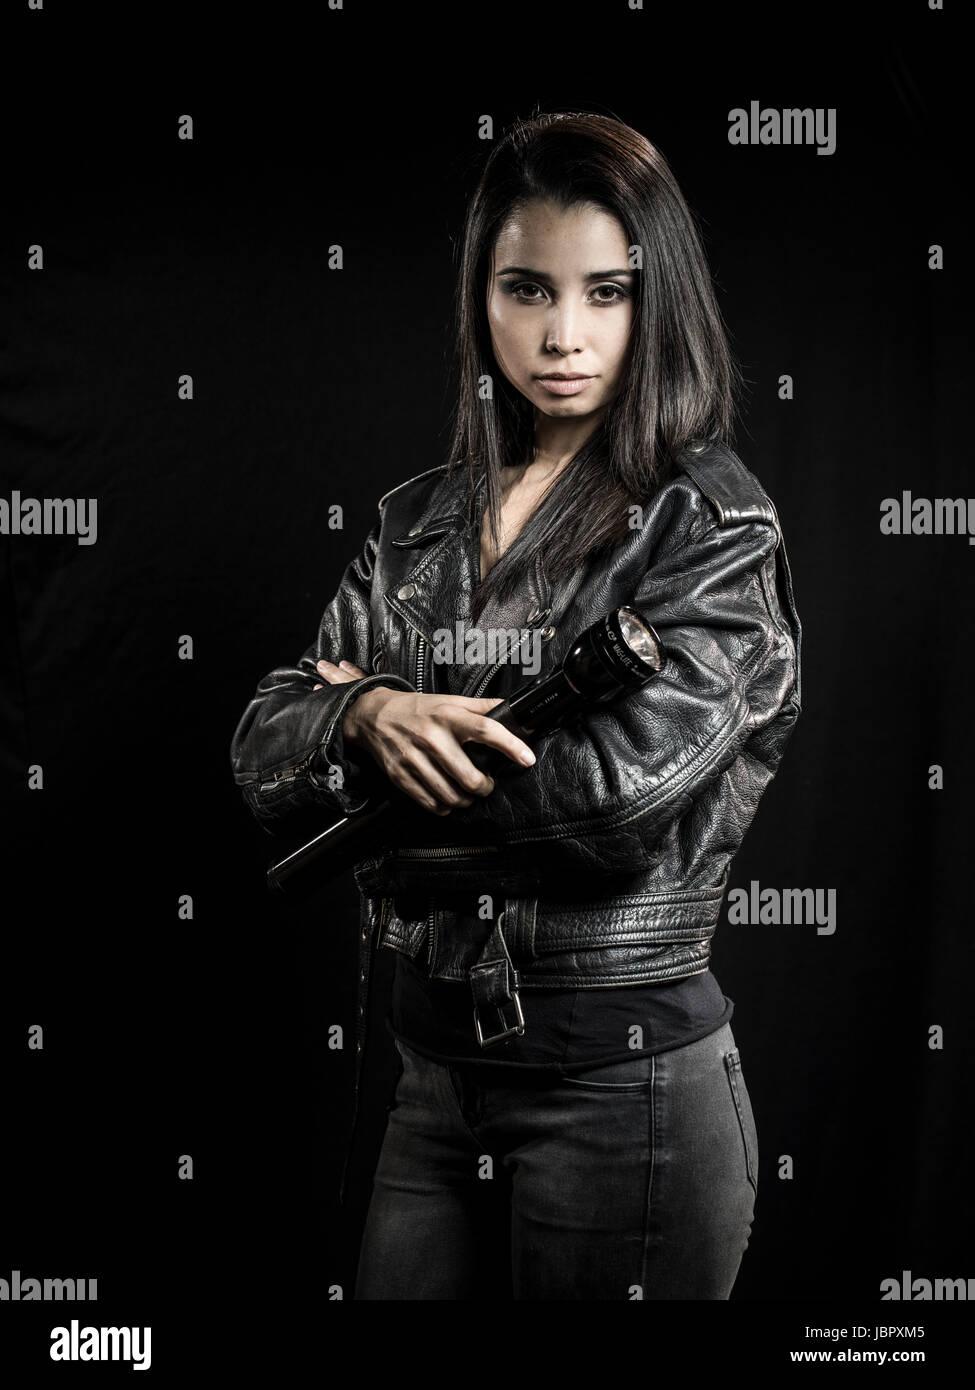 Junge weibliche Privatdetektiv mit Taschenlampe Stockbild